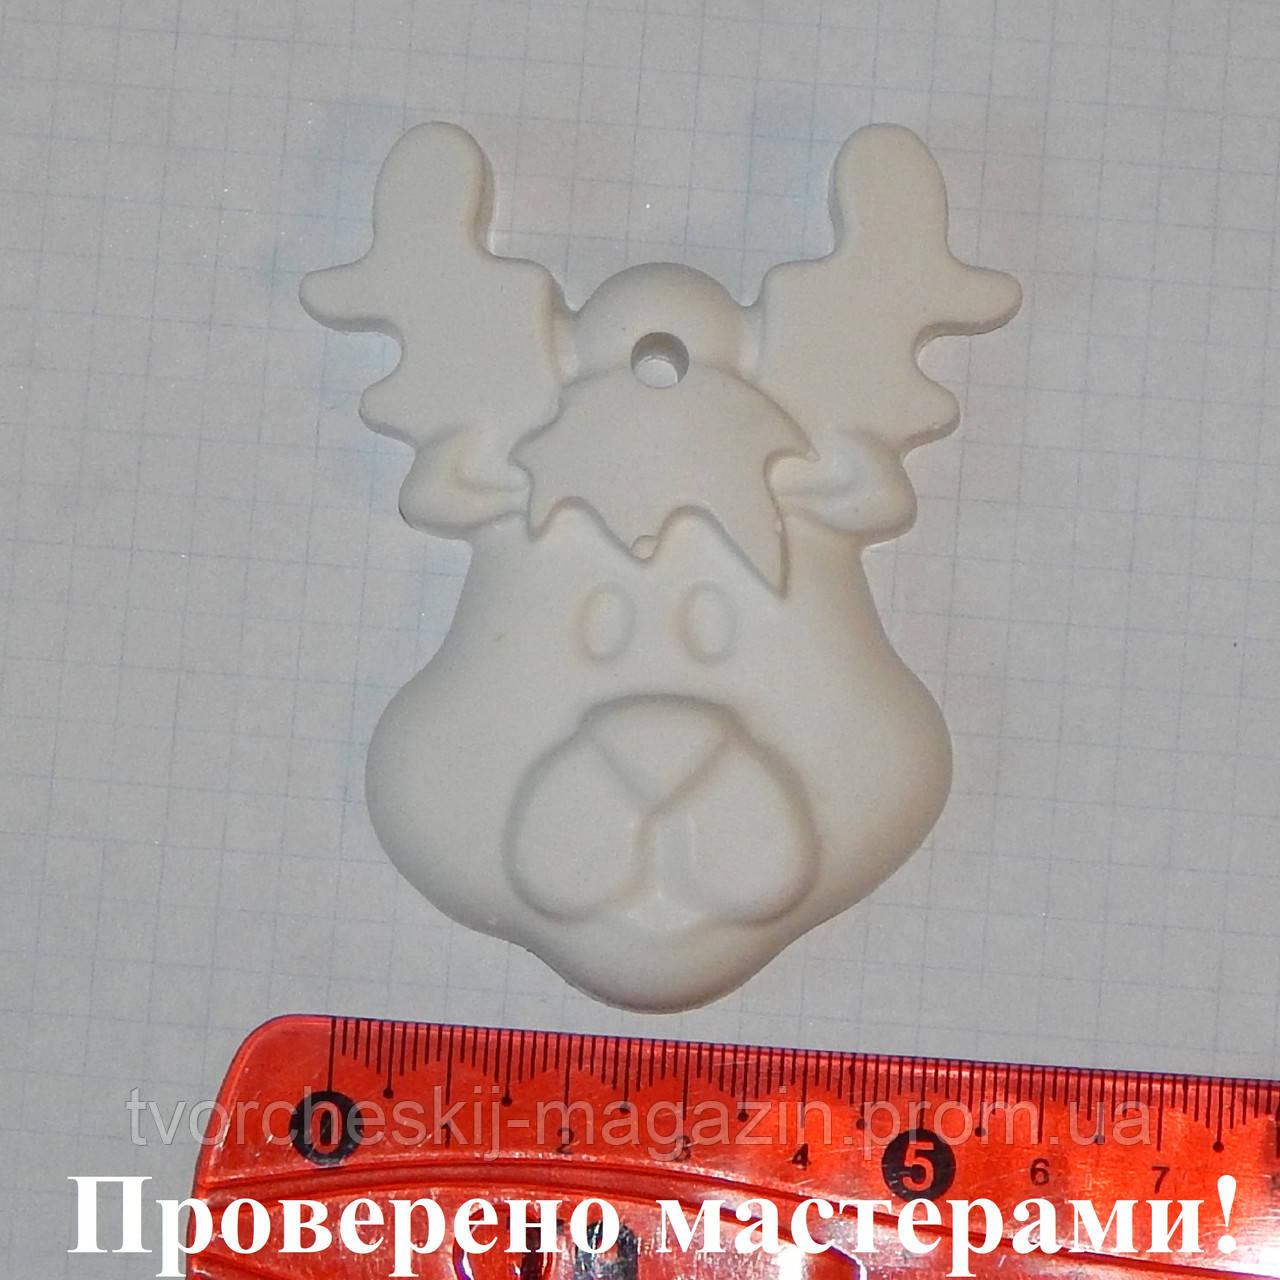 Гипсовая фигурка Олень (елочная игрушка) для раскраски